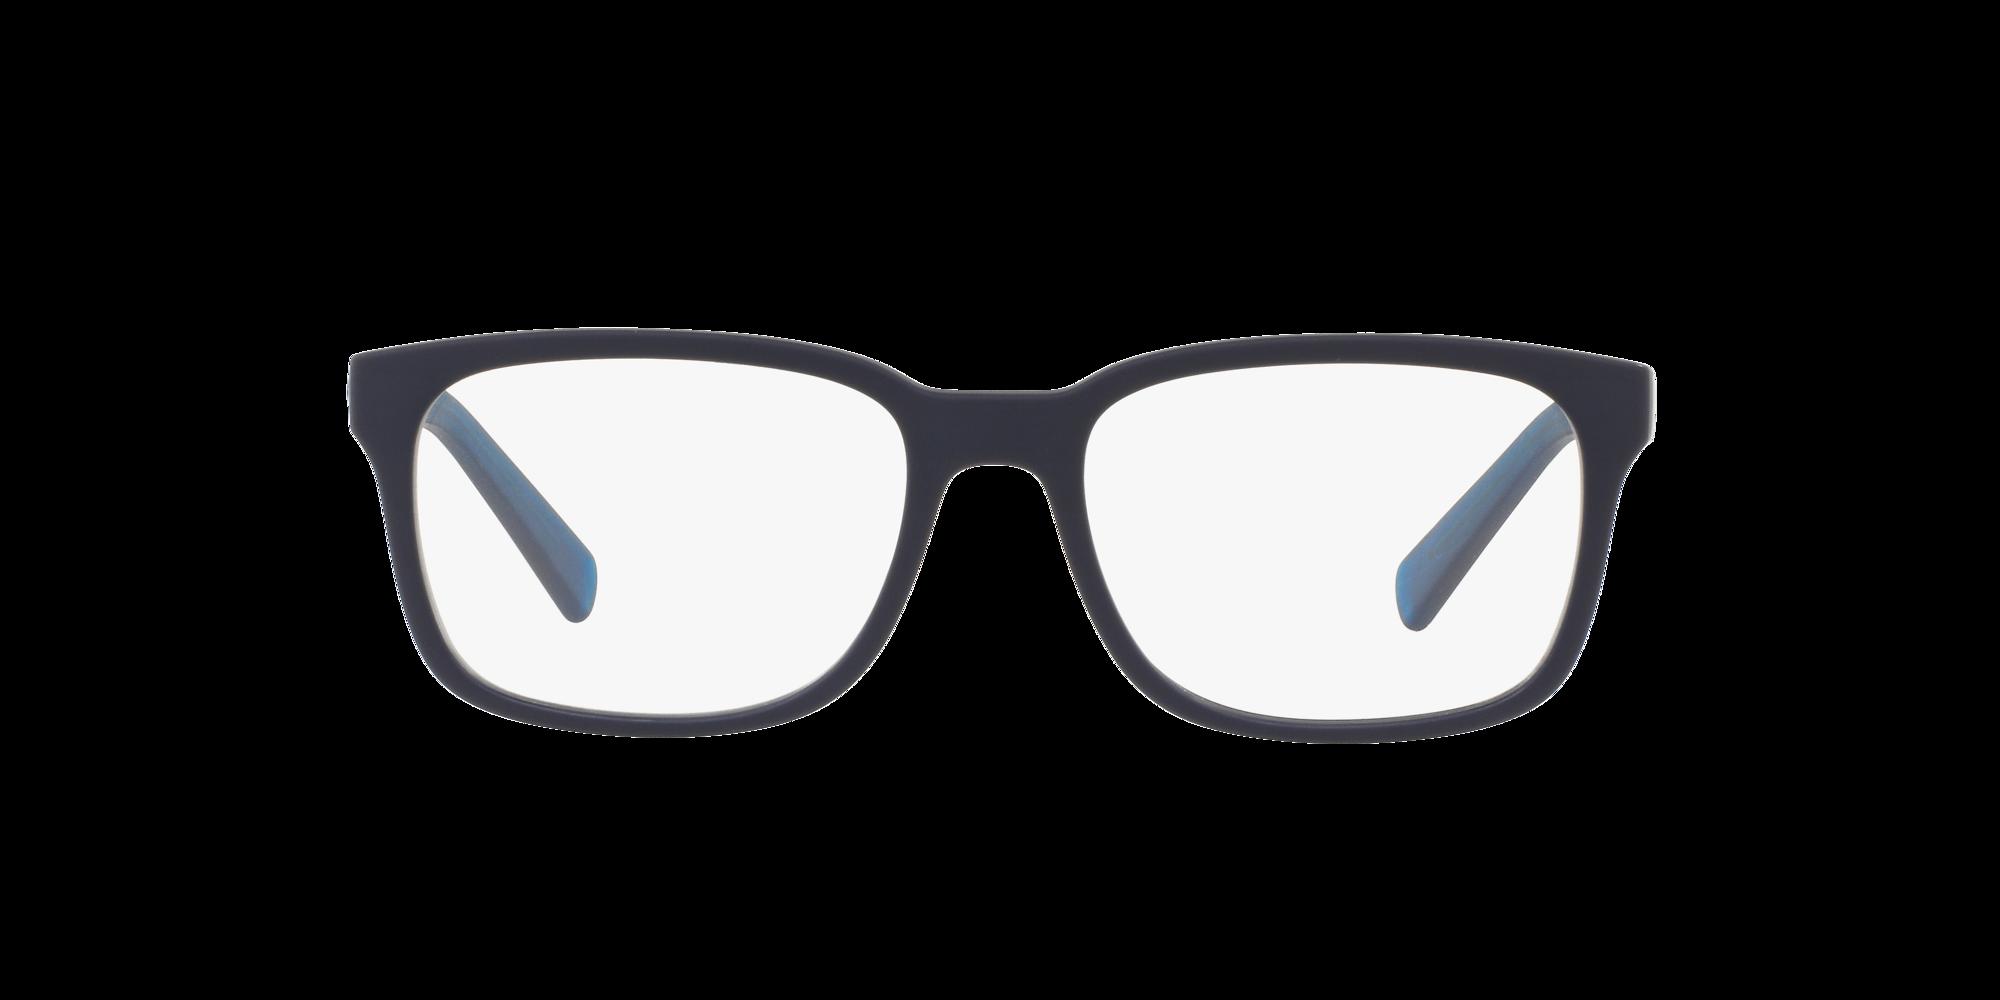 Imagen para AX3029 de LensCrafters |  Espejuelos, espejuelos graduados en línea, gafas